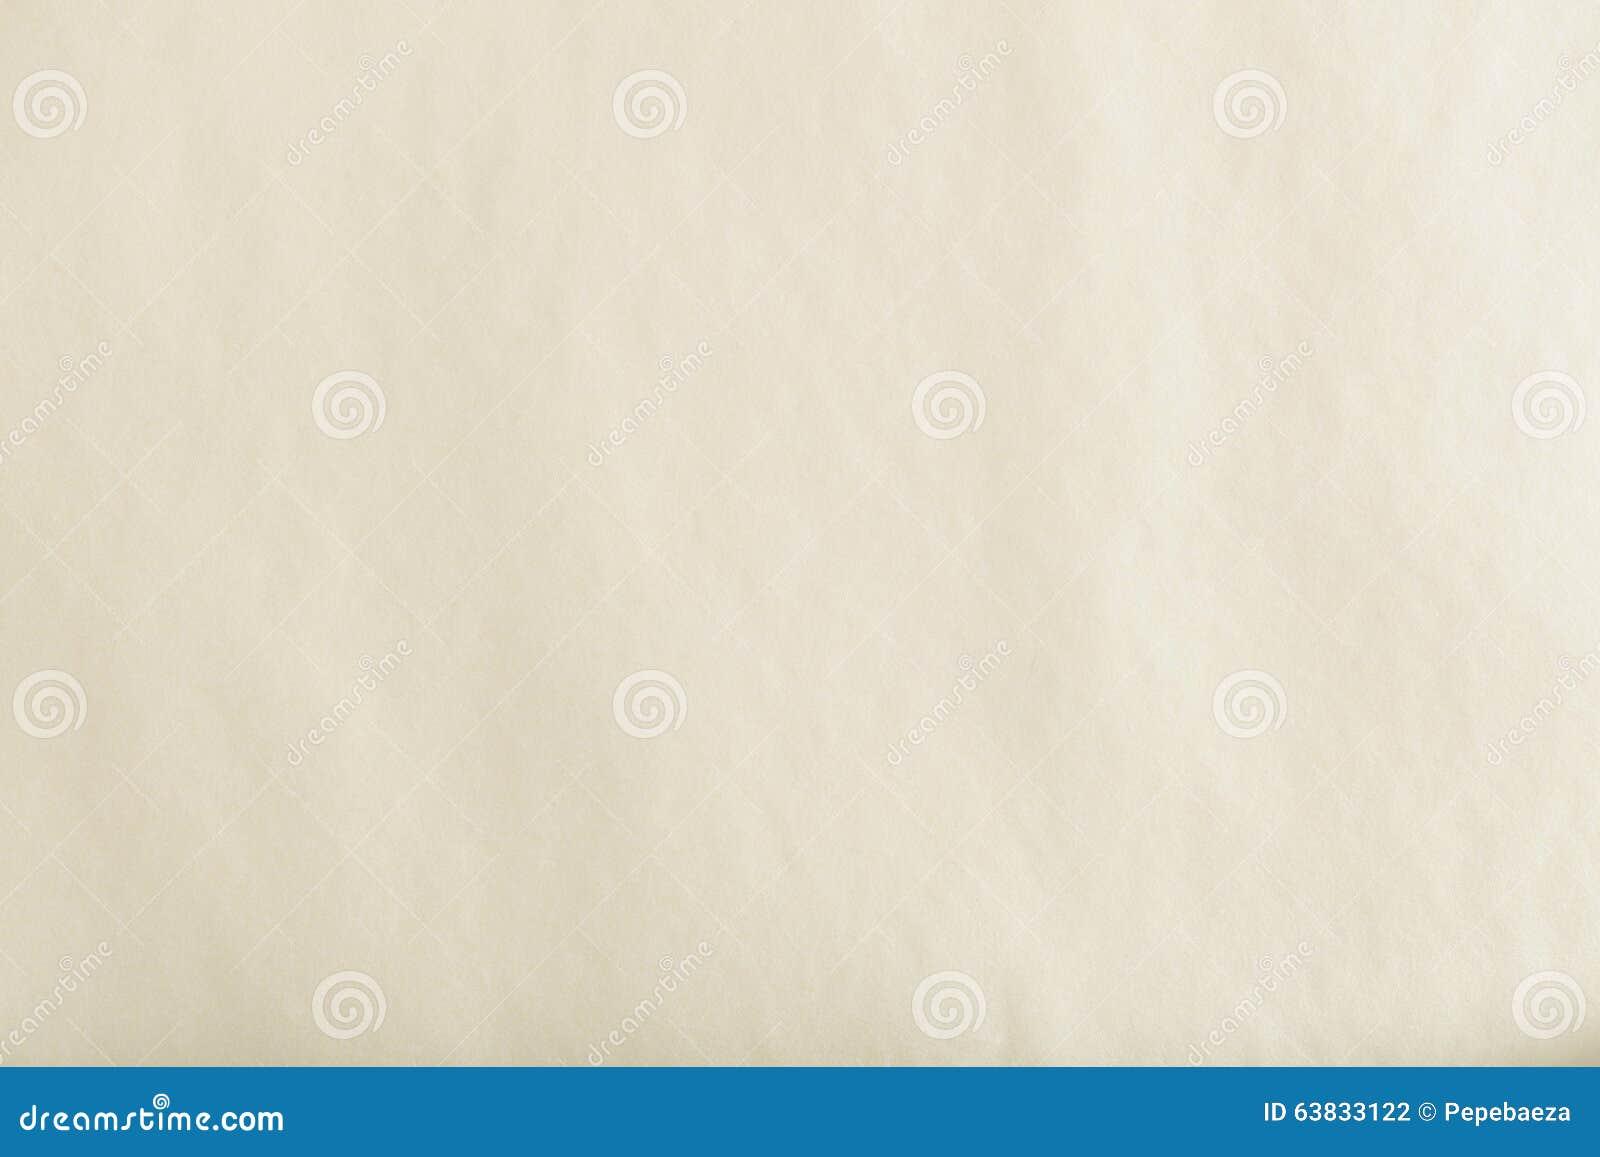 parchment canvas stock photo image of pattern parchment 63833122